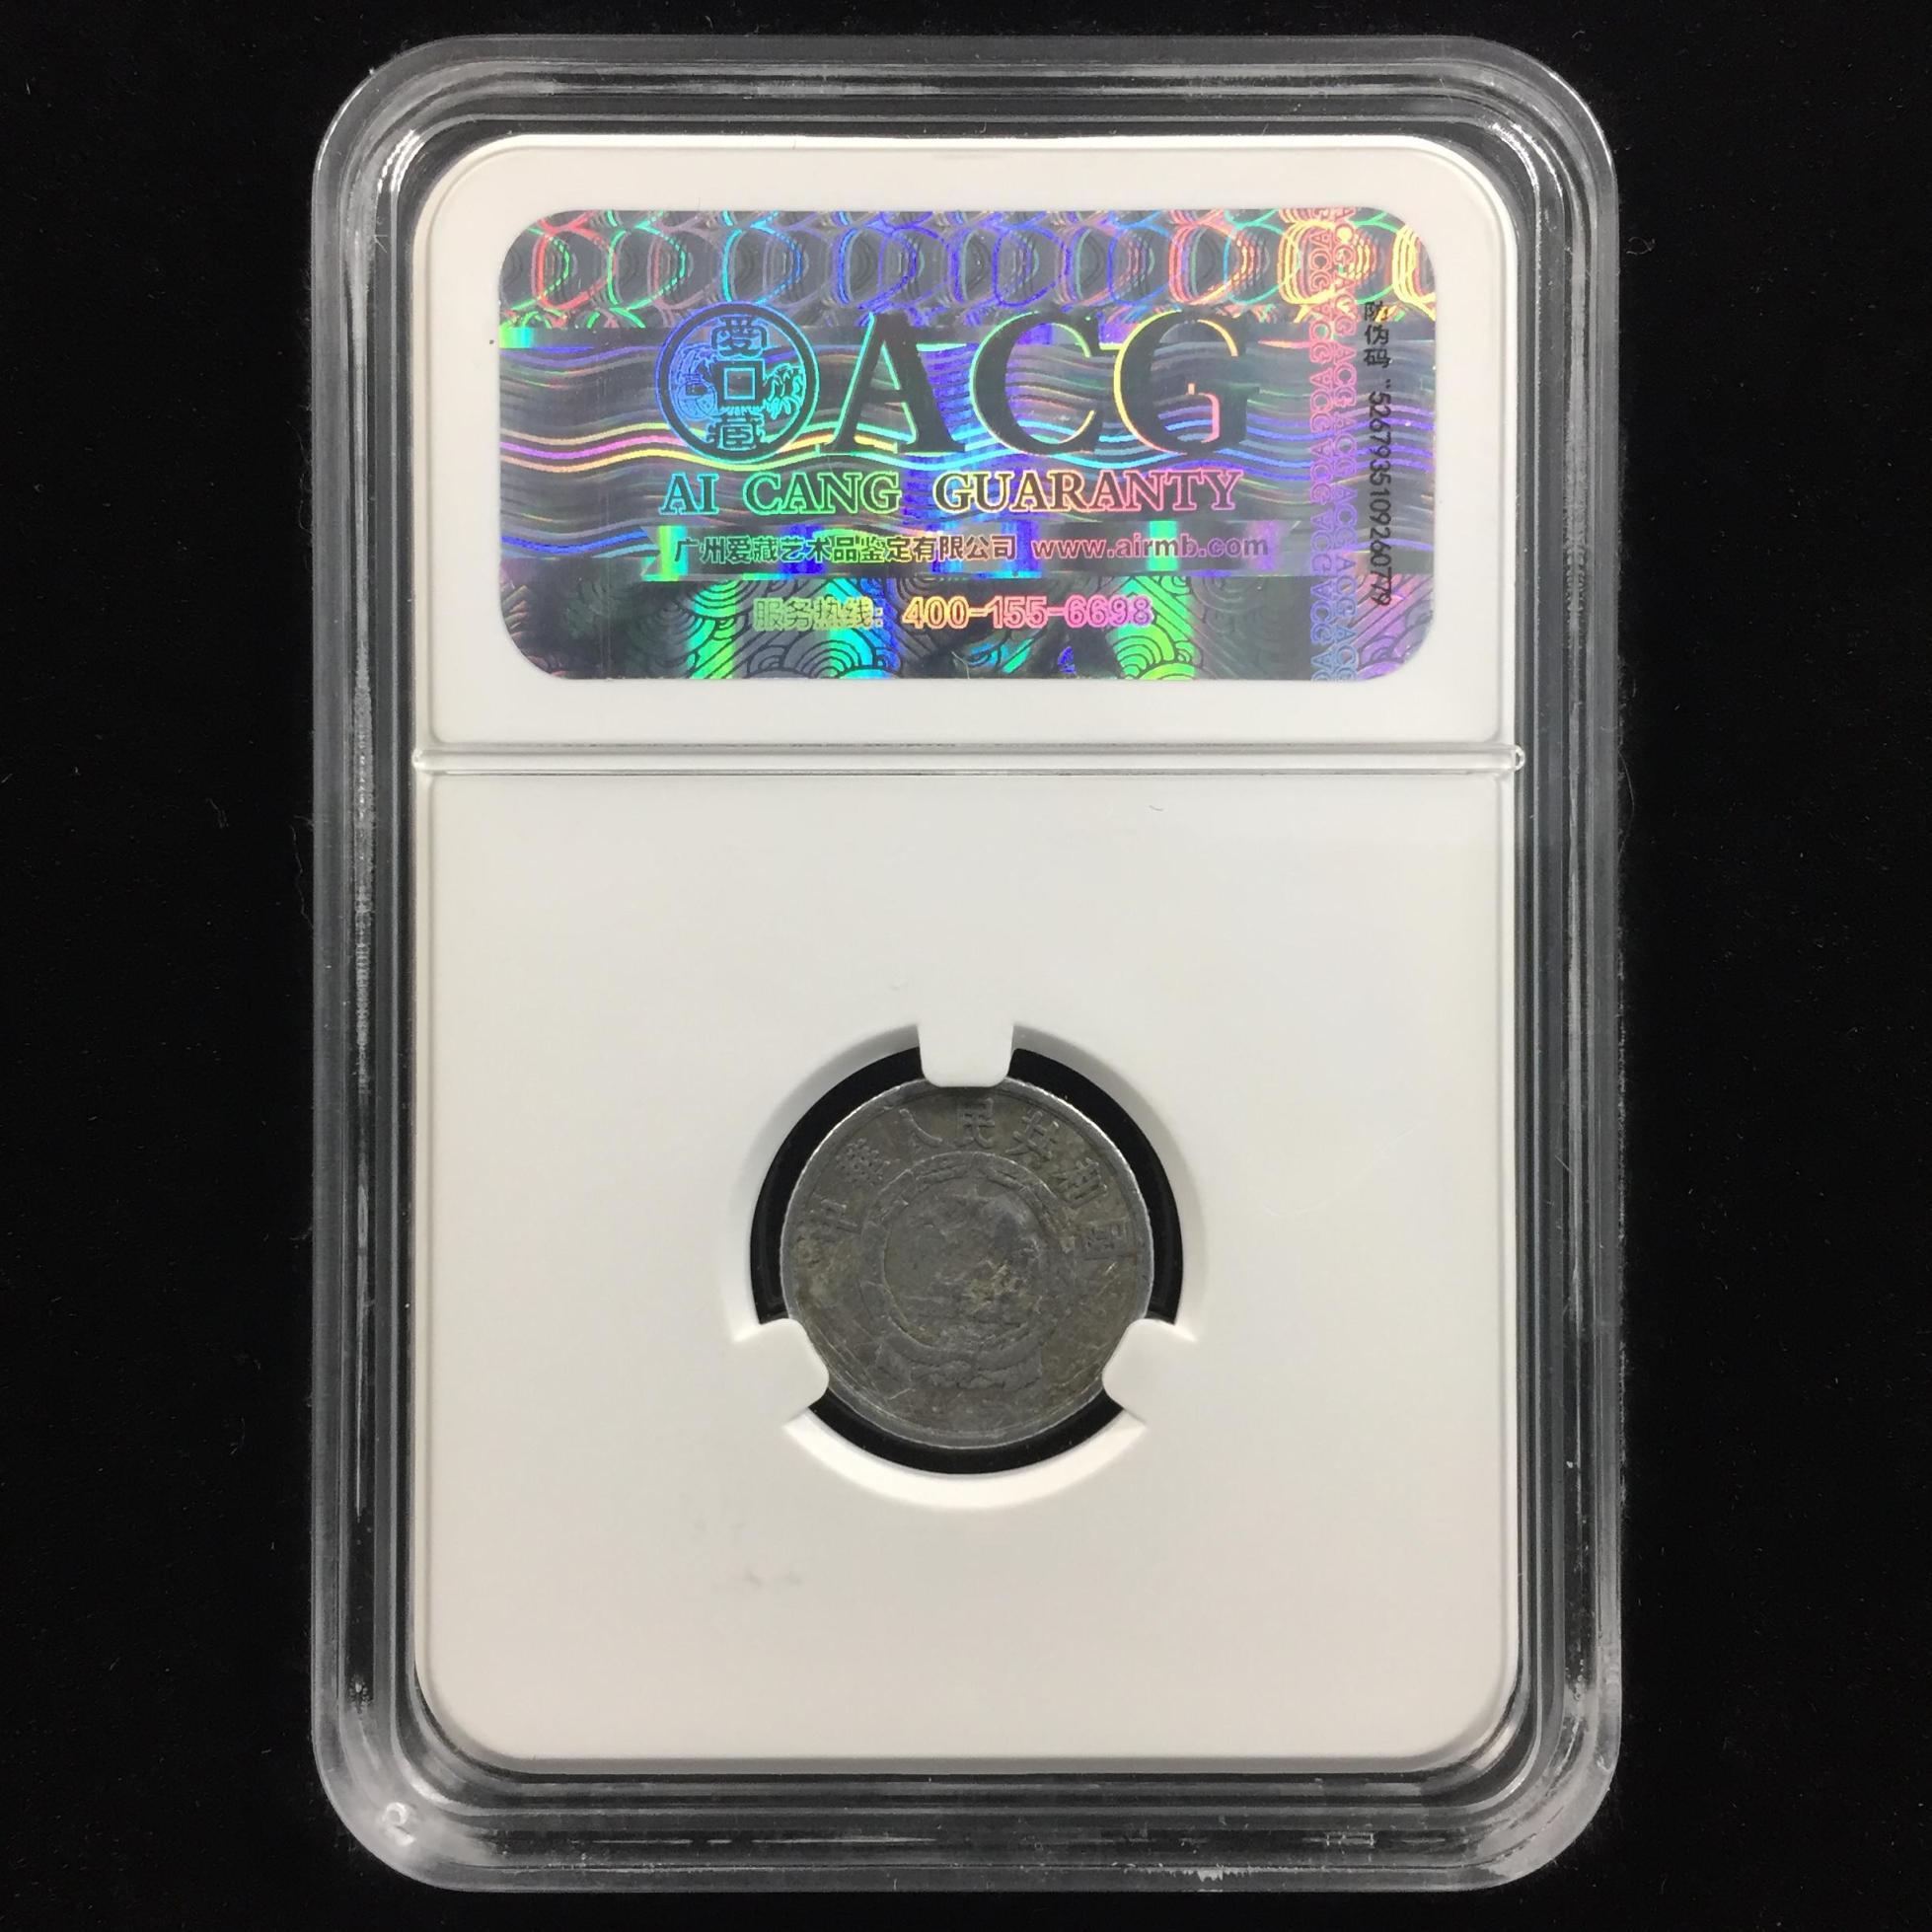 多肉币→1955年1分硬币→ACG鉴定证书-10768212